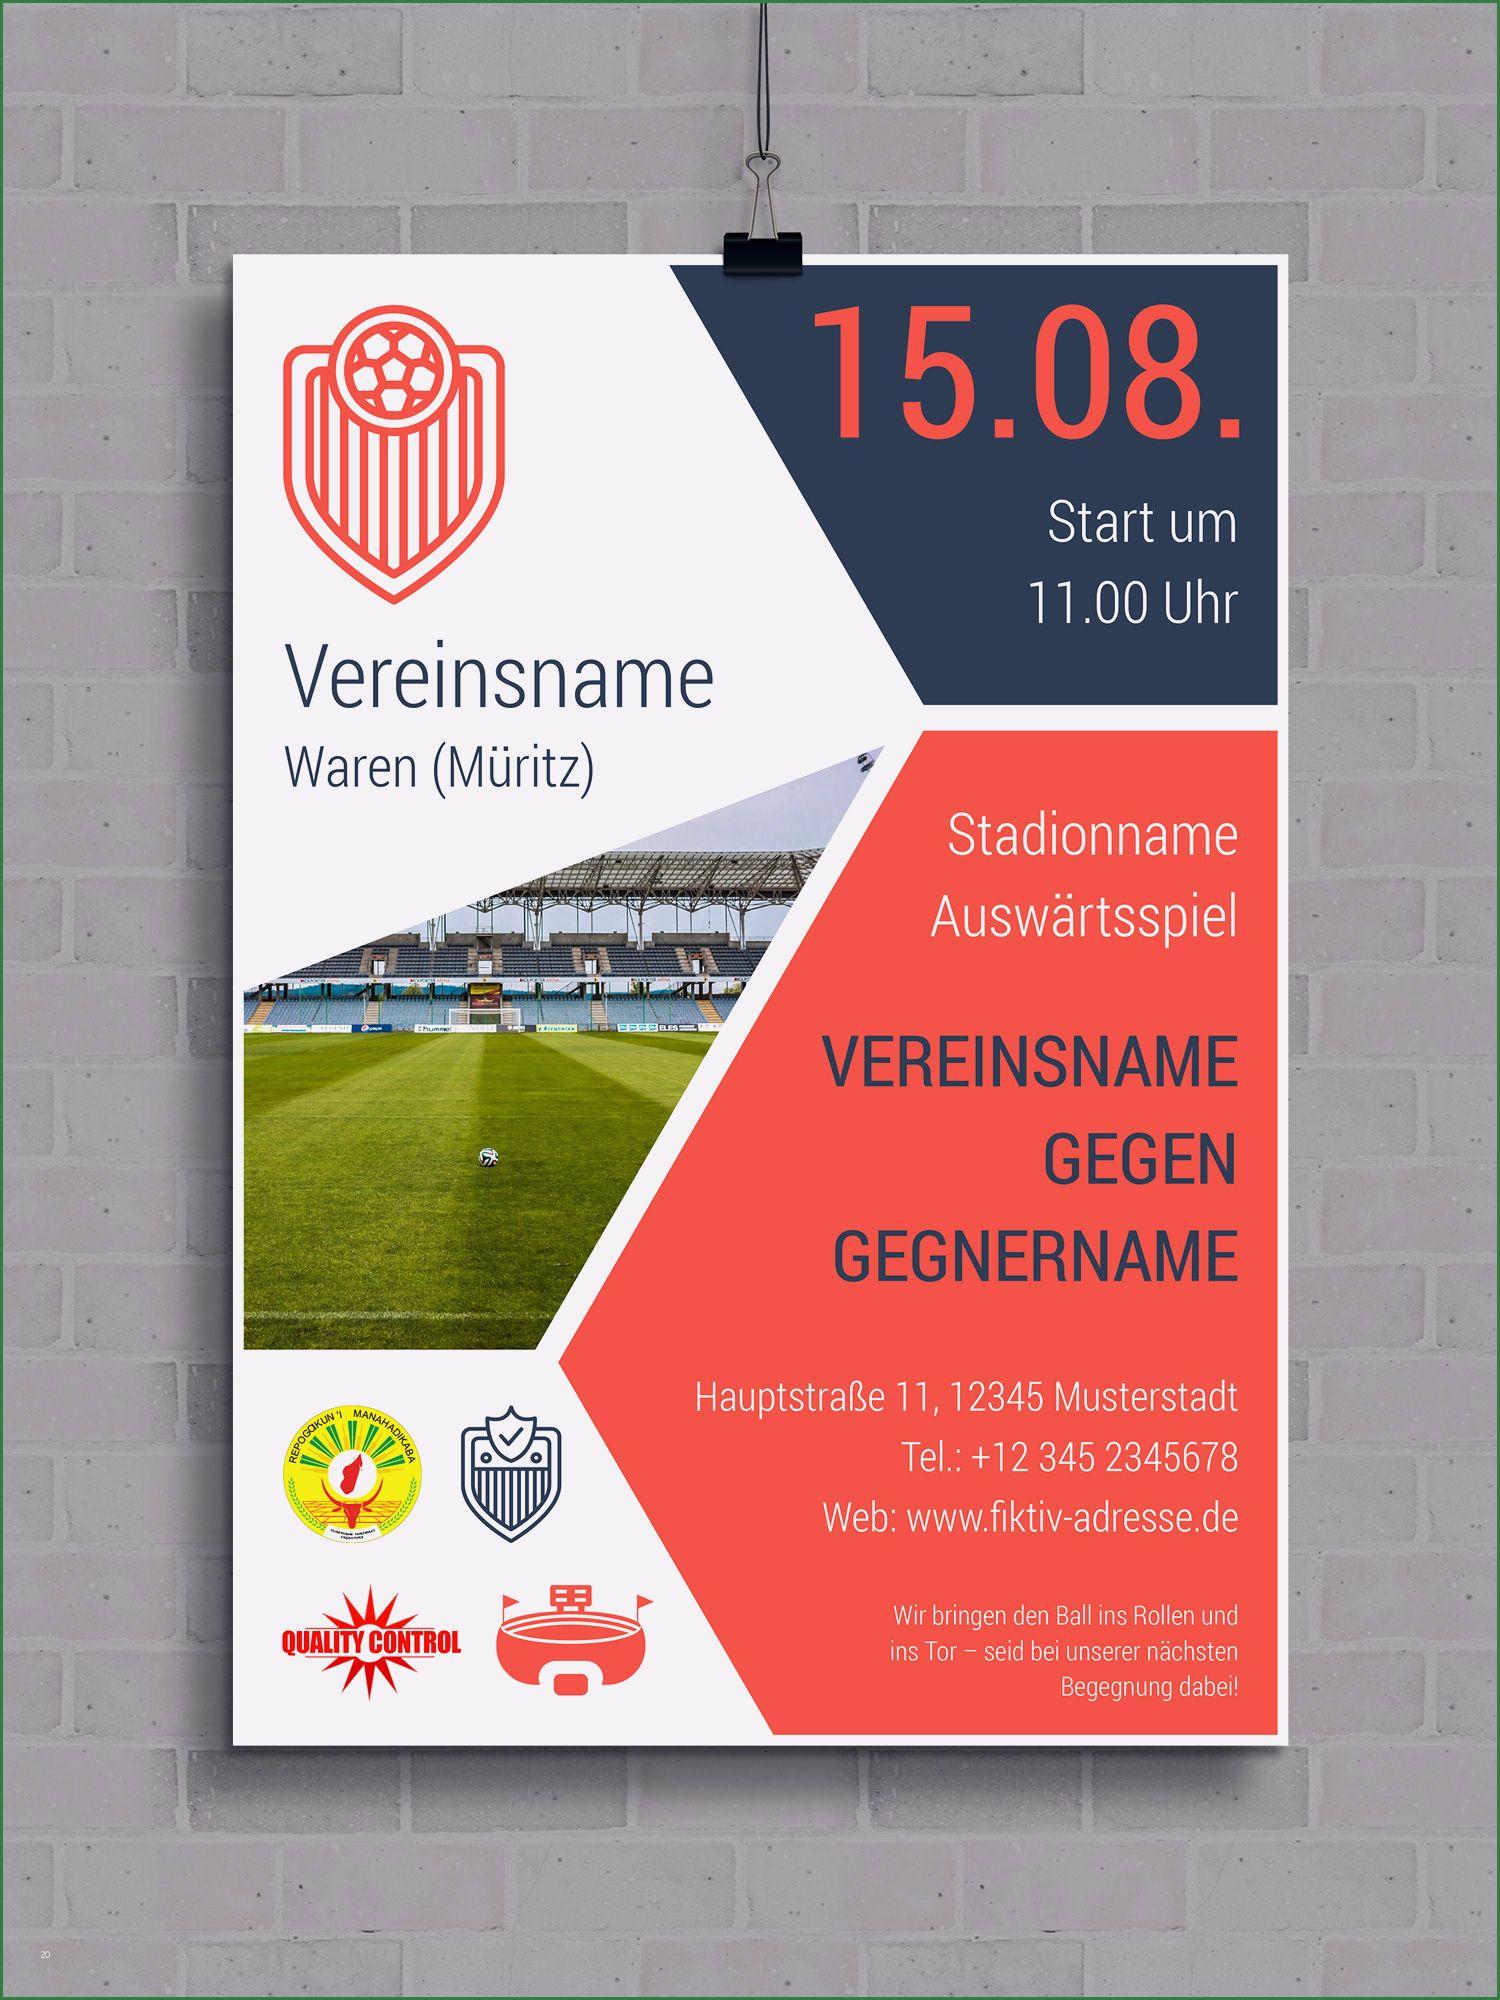 30 Wunderbar Plakat Layout Vorlagen Abbildung In 2020 Spielplan Flyer Vorlage Sportverein